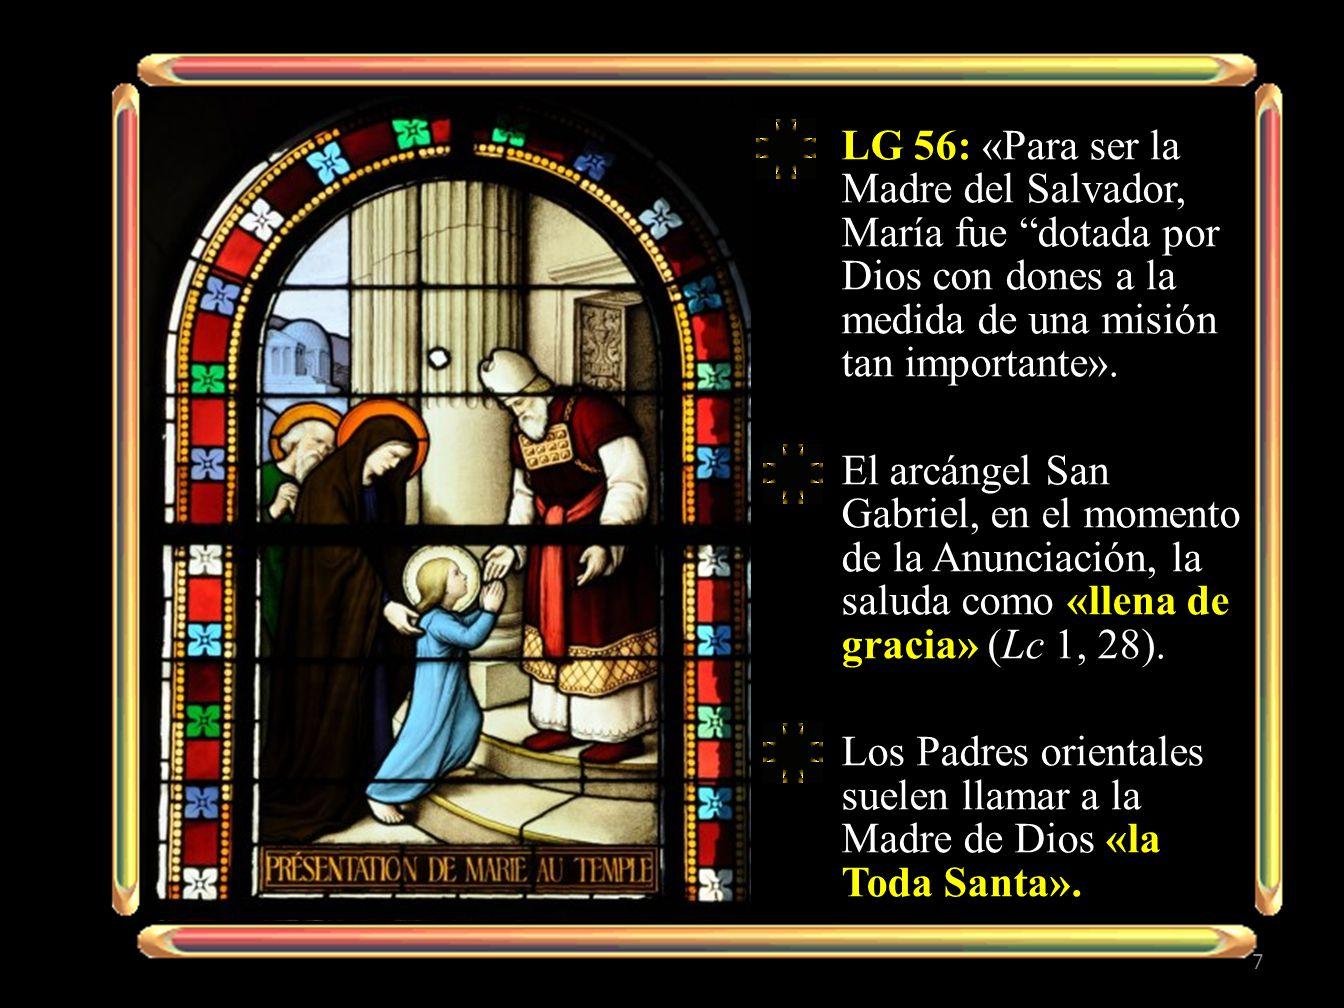 Los años de la vida oculta de Cristo no son una simple preparación para su ministerio público, sino auténticos actos redentores, orientados hacia la consumación del Misterio Pascual.